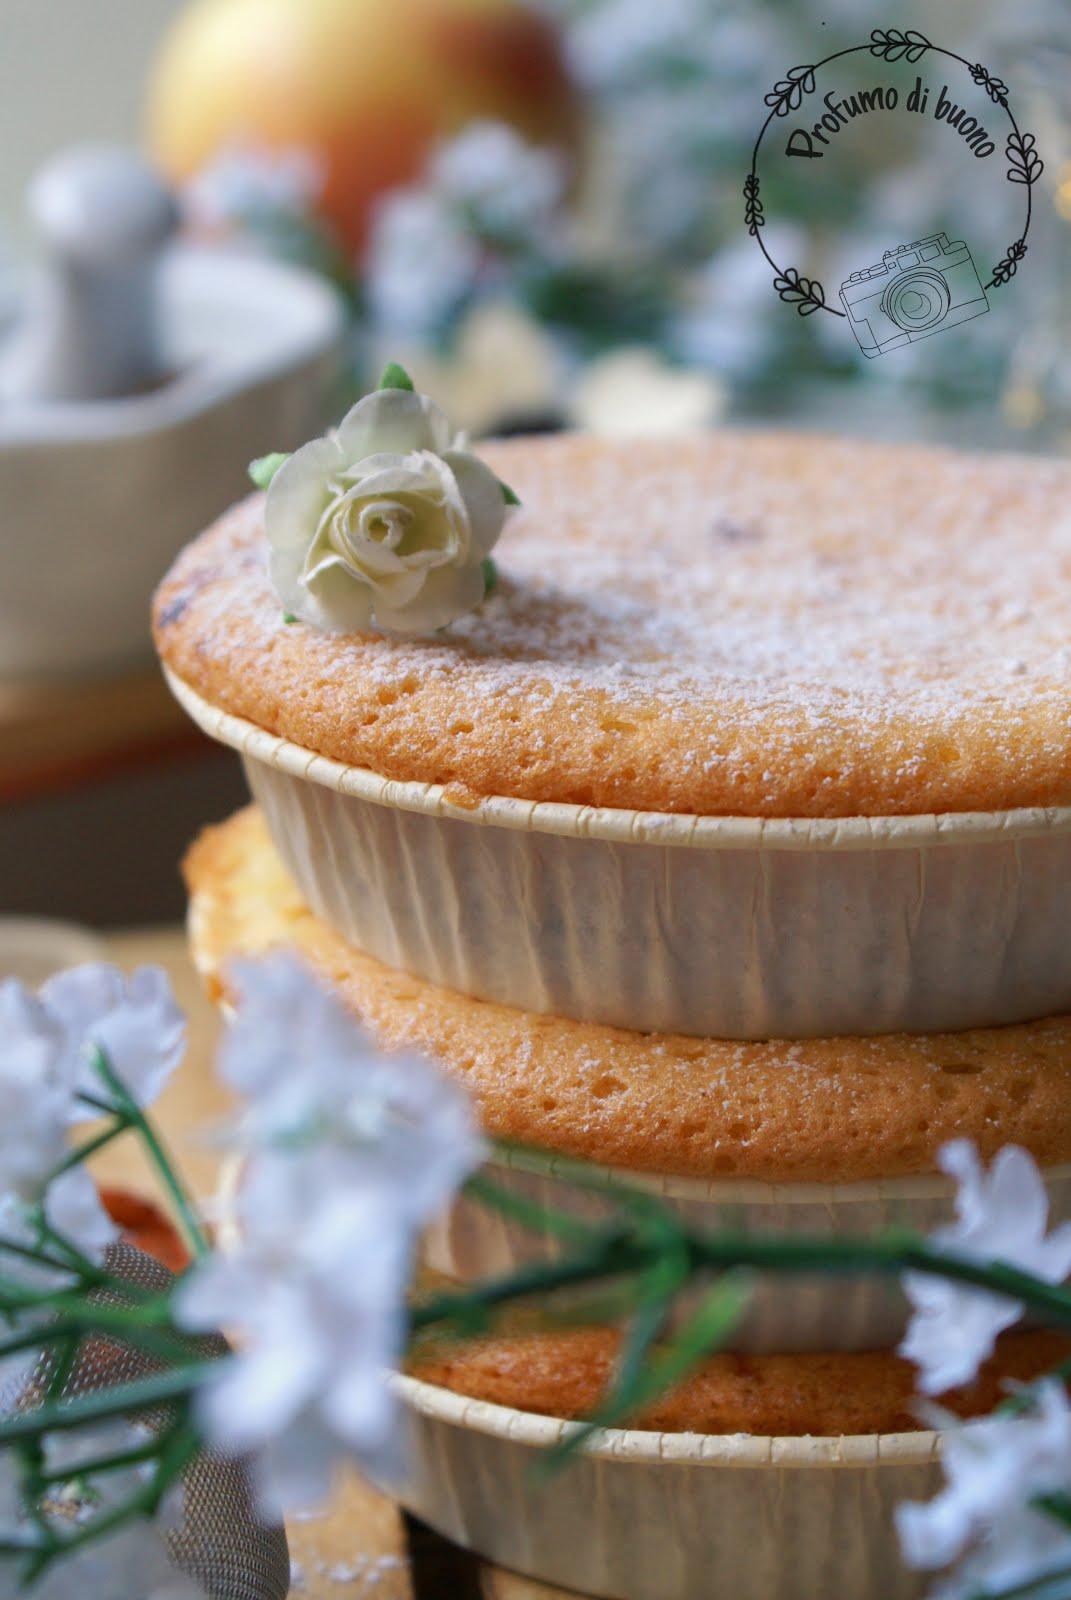 Tortine alla marmellata senza glutine con zucchero a velo